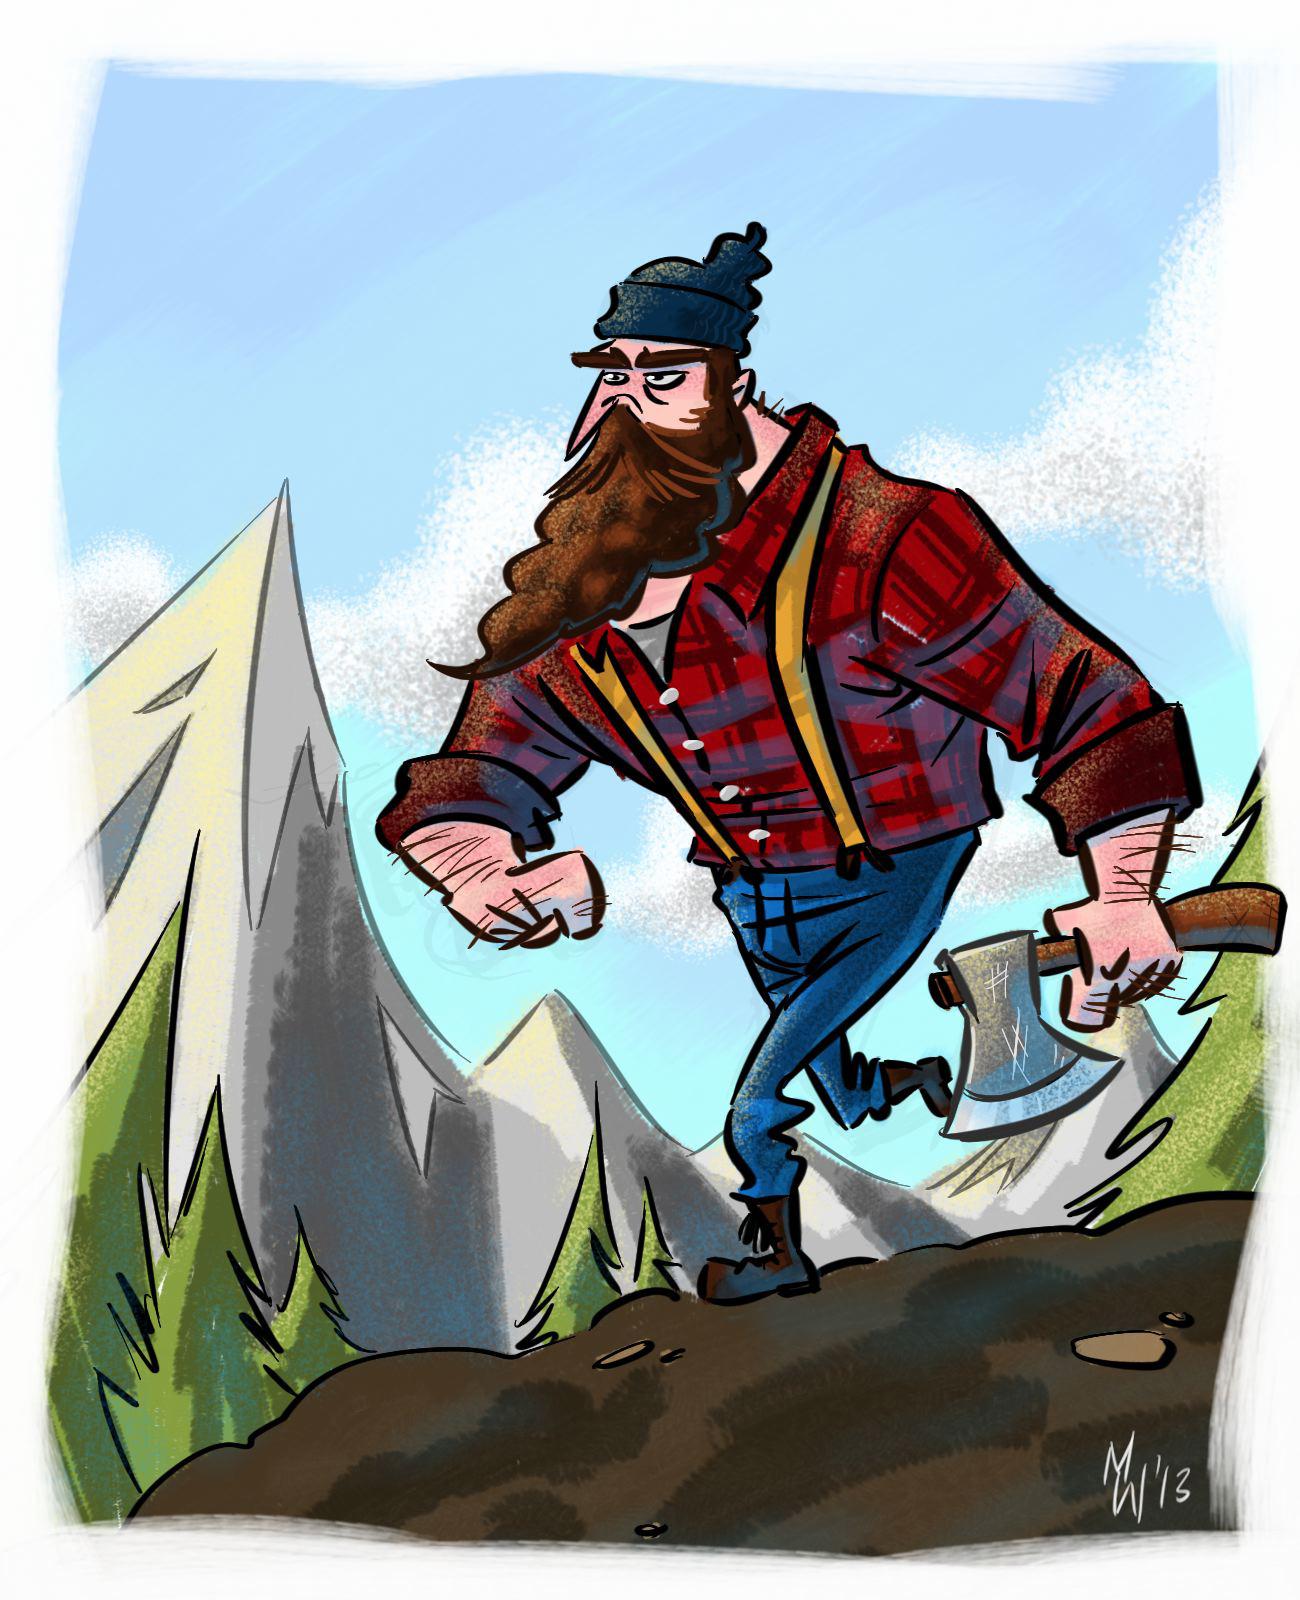 lumberjack-792353.jpg